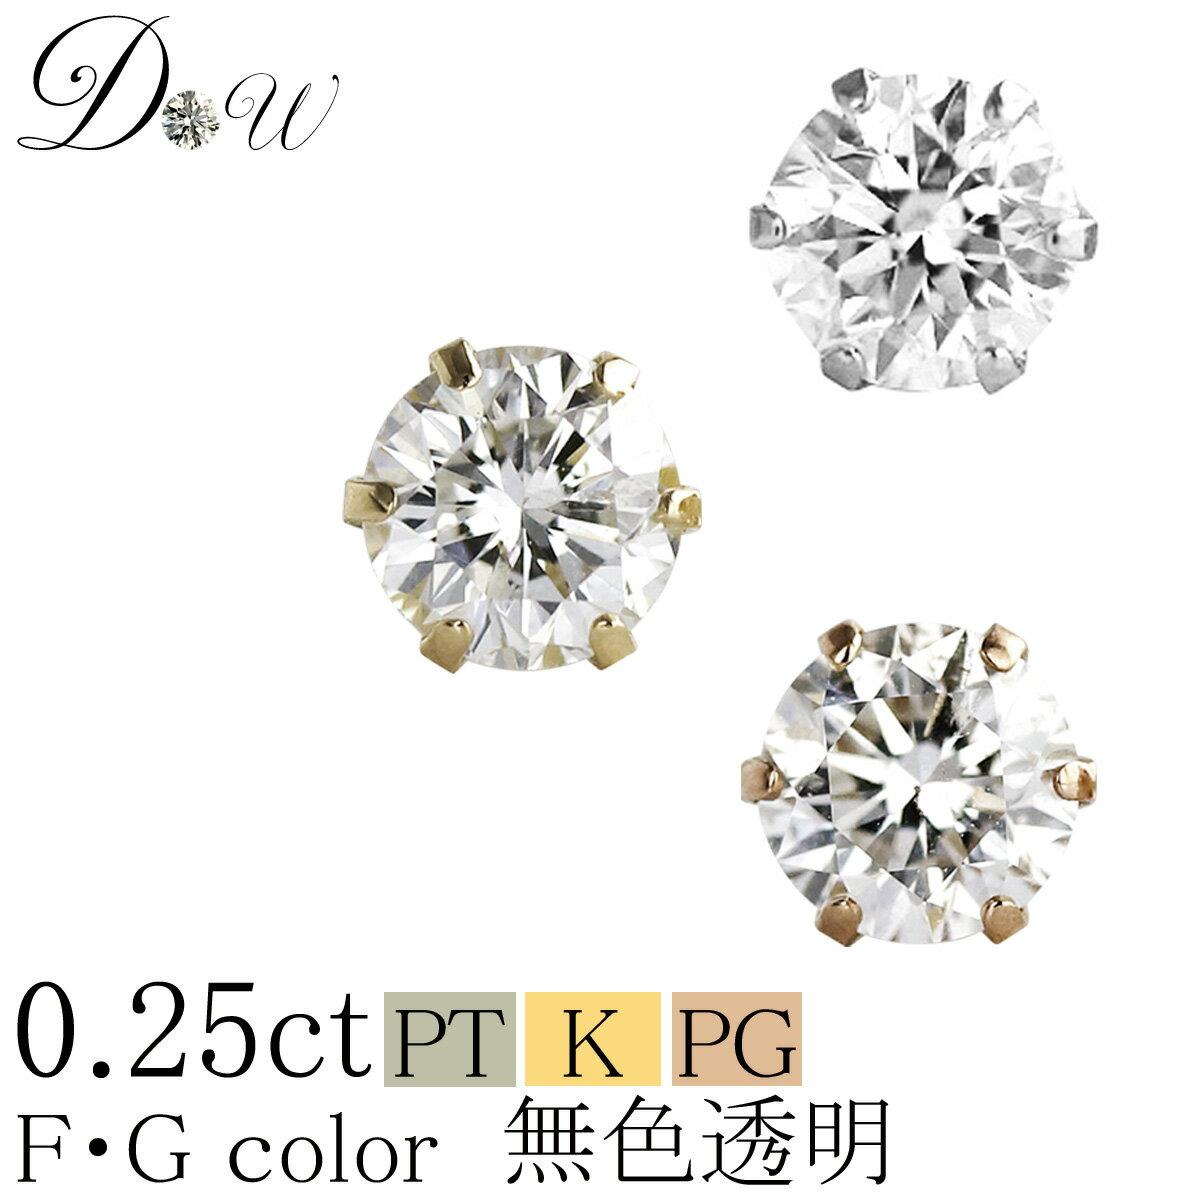 PT900 天然ダイヤモンドピアス 0.25ct 片耳用一粒 0.25ct 【輝き厳選保証 品質保証書付】【無色透明 FGカラー】【6本爪タイプ】片耳 ダイヤ ピアス ユニセックス プラチナ石サイズ等によって金額が異なります。